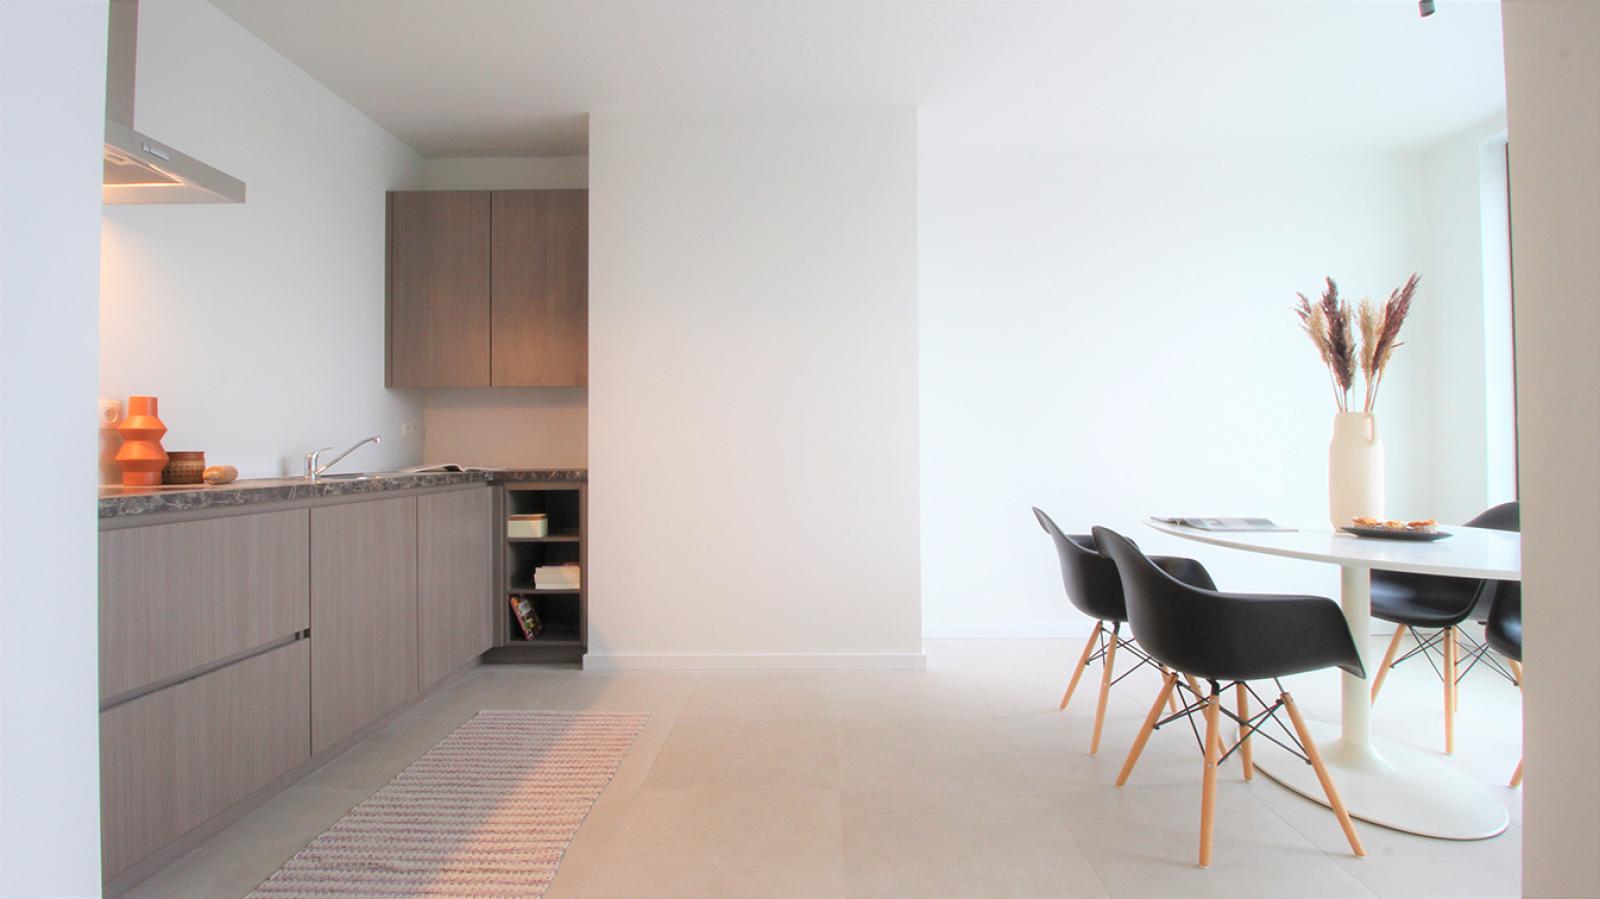 Prachtige penthouse met maar liefst 2 ruime terrasssen op centrale locatie vlakbij het Rivierenhof. afbeelding 5